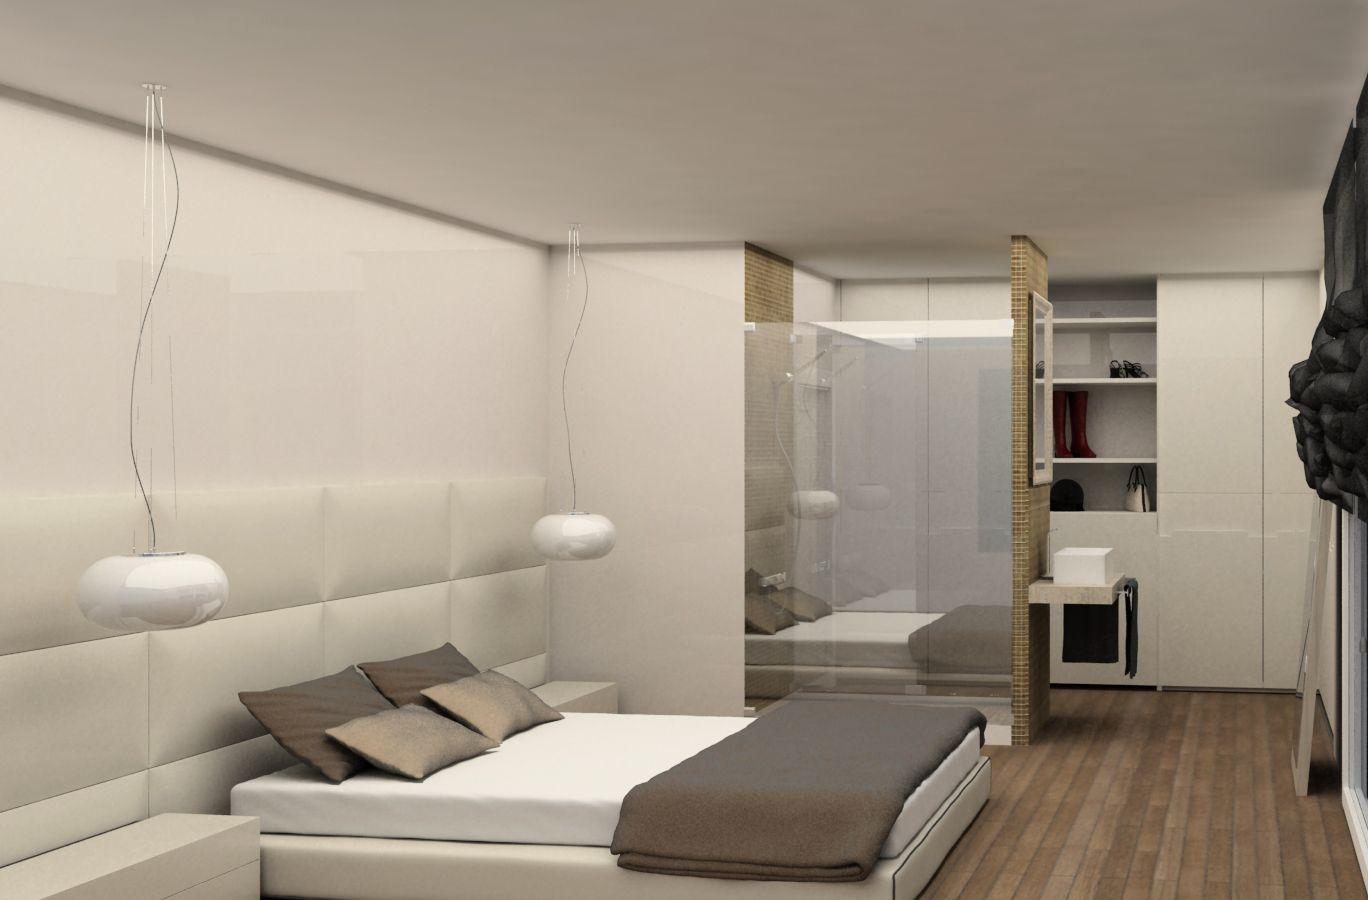 Muebles nebra sofas obtenga ideas dise o de muebles para for Muebles tuco zaragoza